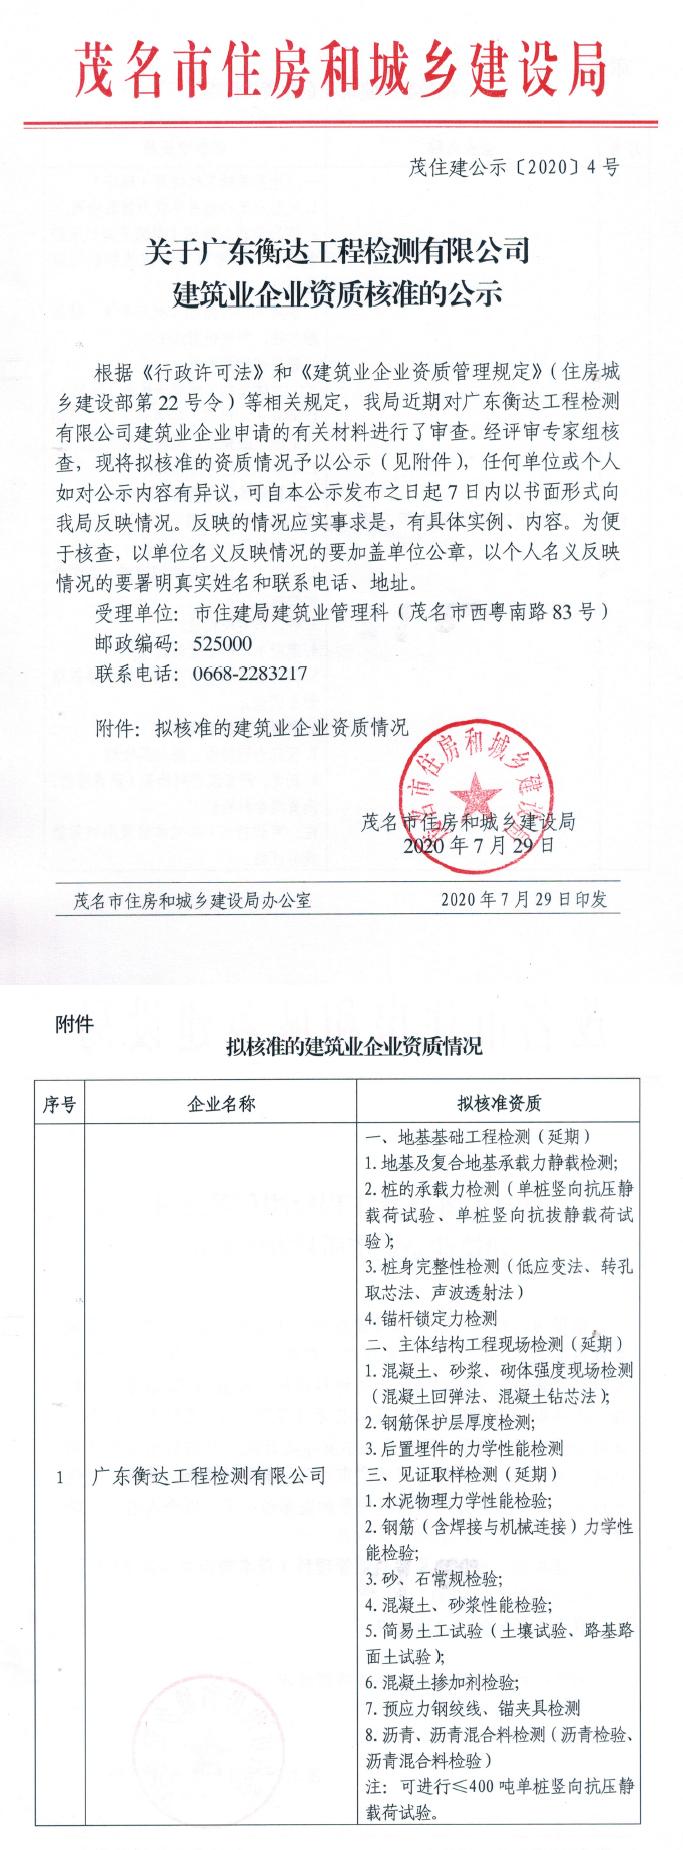 关于广东衡达工程检测有限公司建筑业企业资质核准的公示.jpg